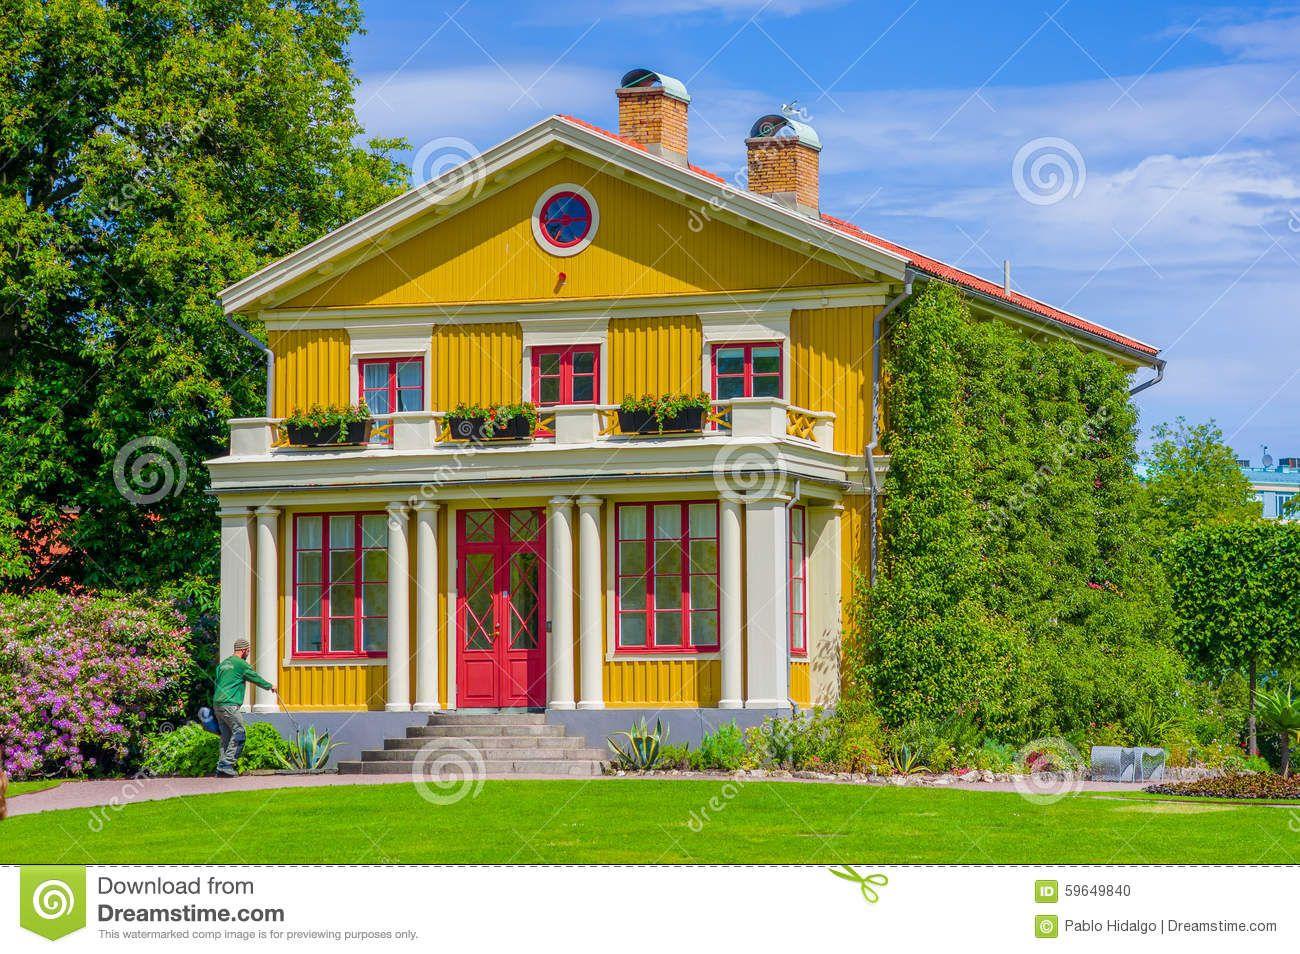 Bildresultat för swedish house | the sims inspiration ...